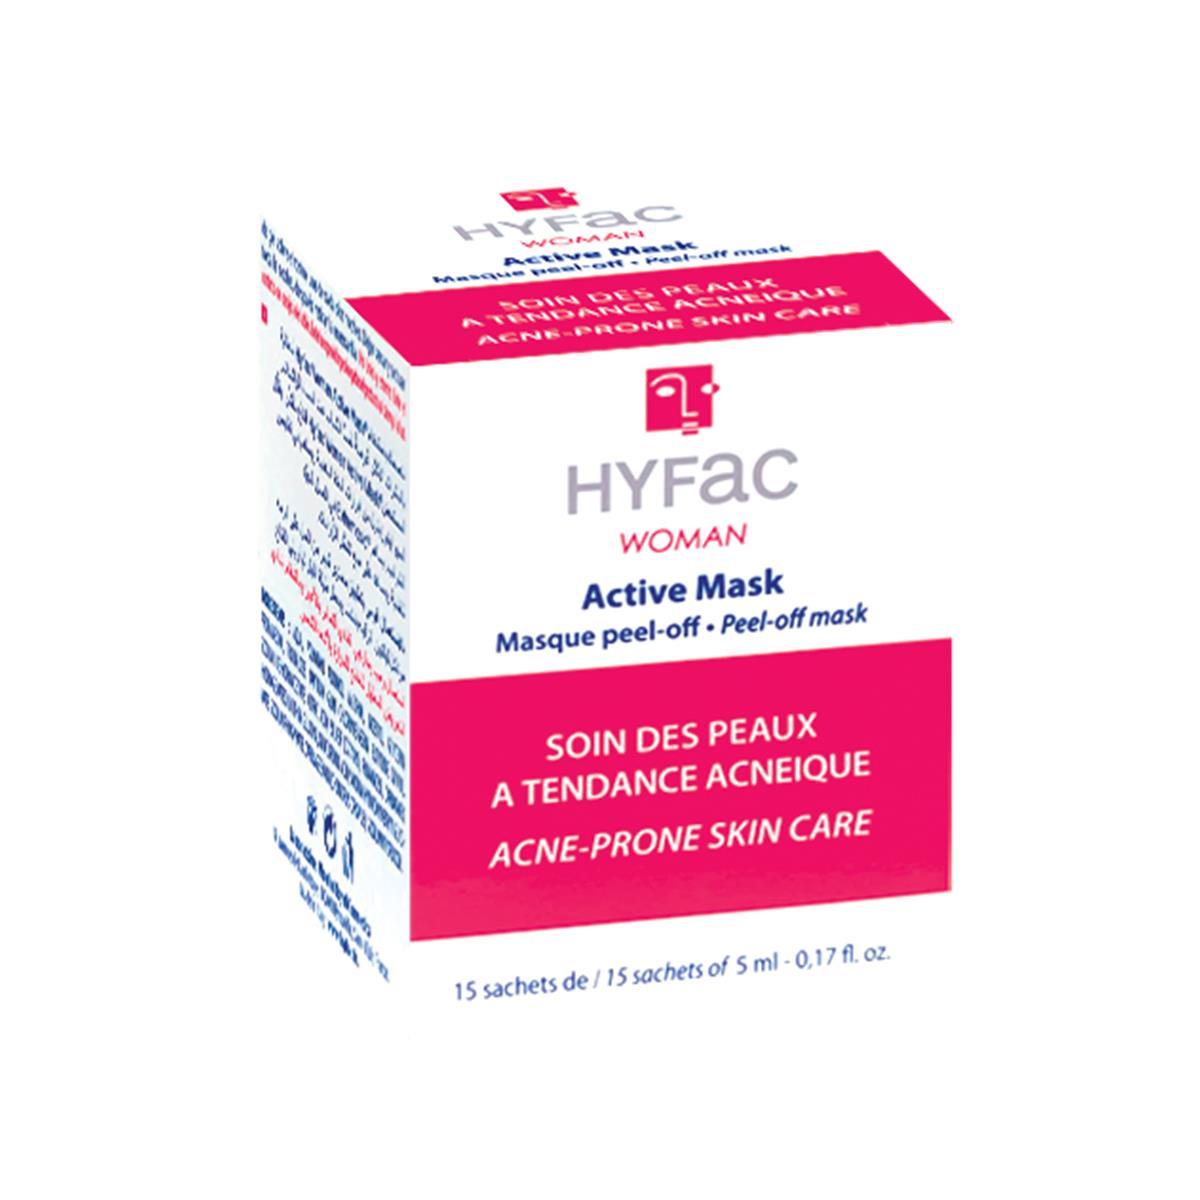 Hyfac Mascarilla Facial Activa 15 Sobres Con 5Ml.